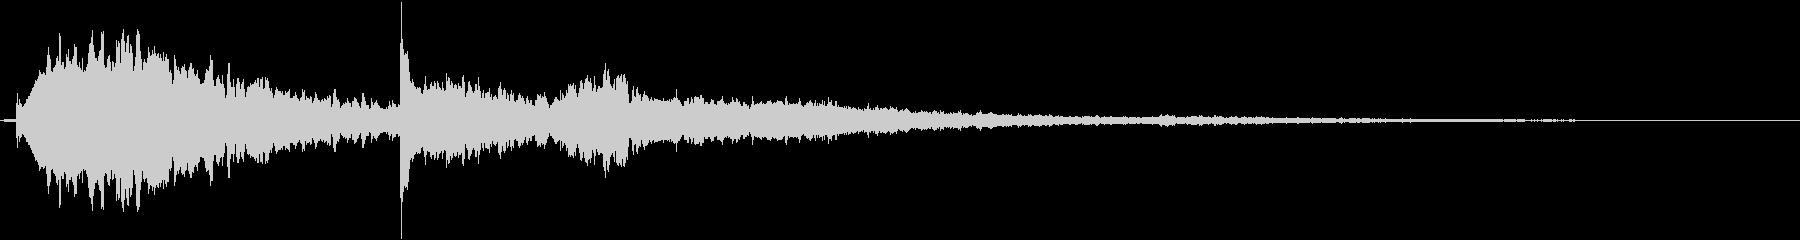 【シネマティック】 ベル音_03の未再生の波形